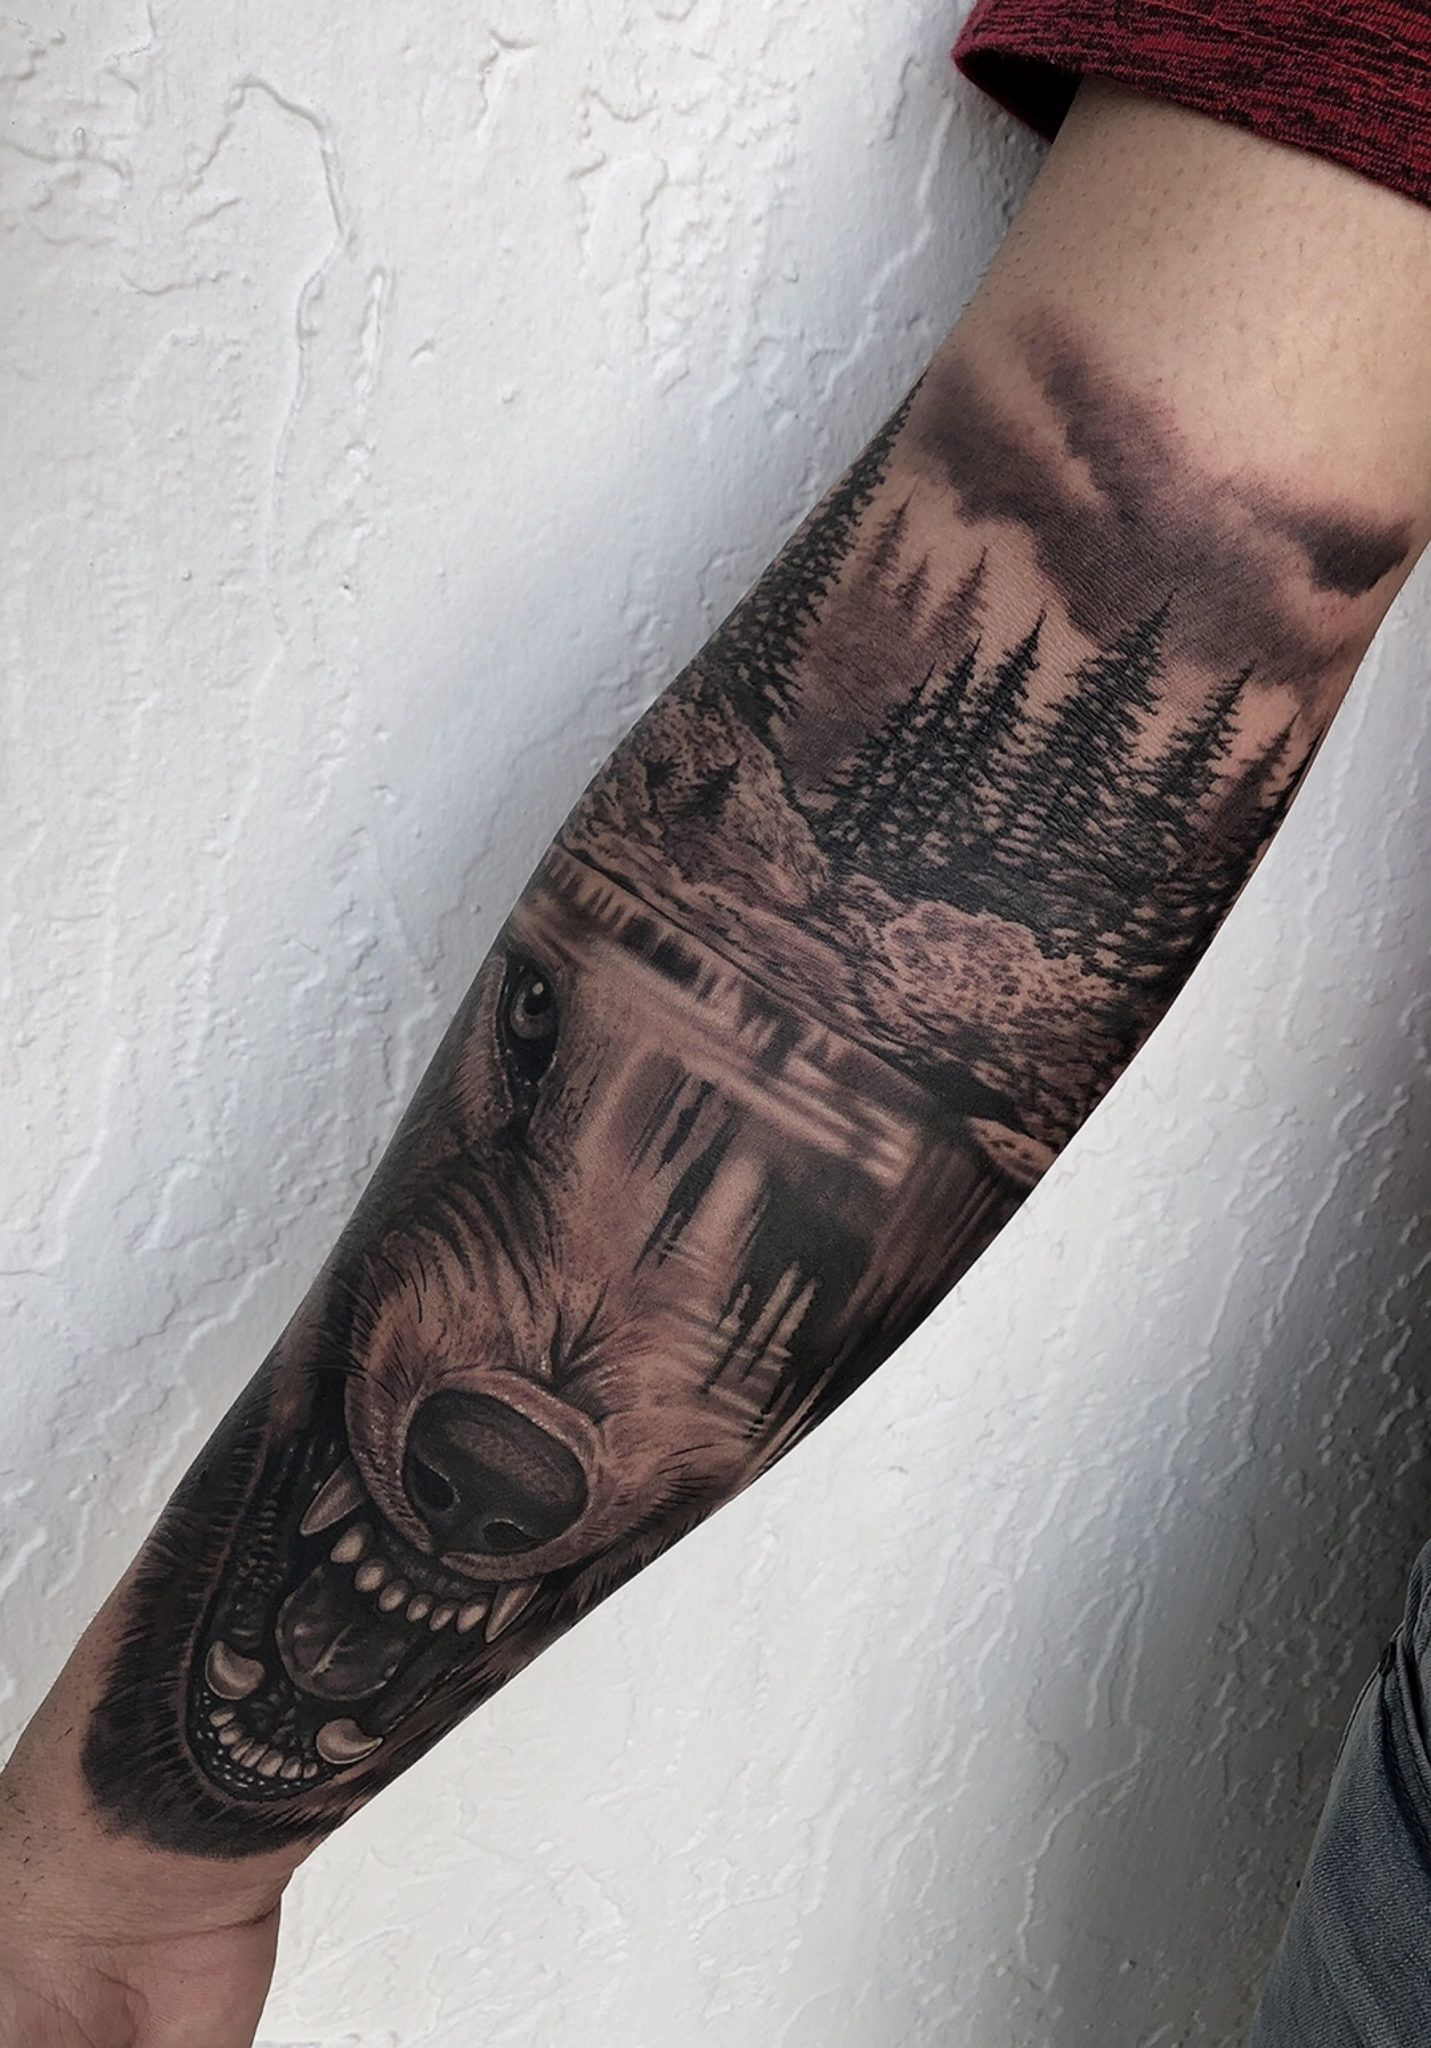 Best tattoo artist in raleigh nc tattoos portfolio